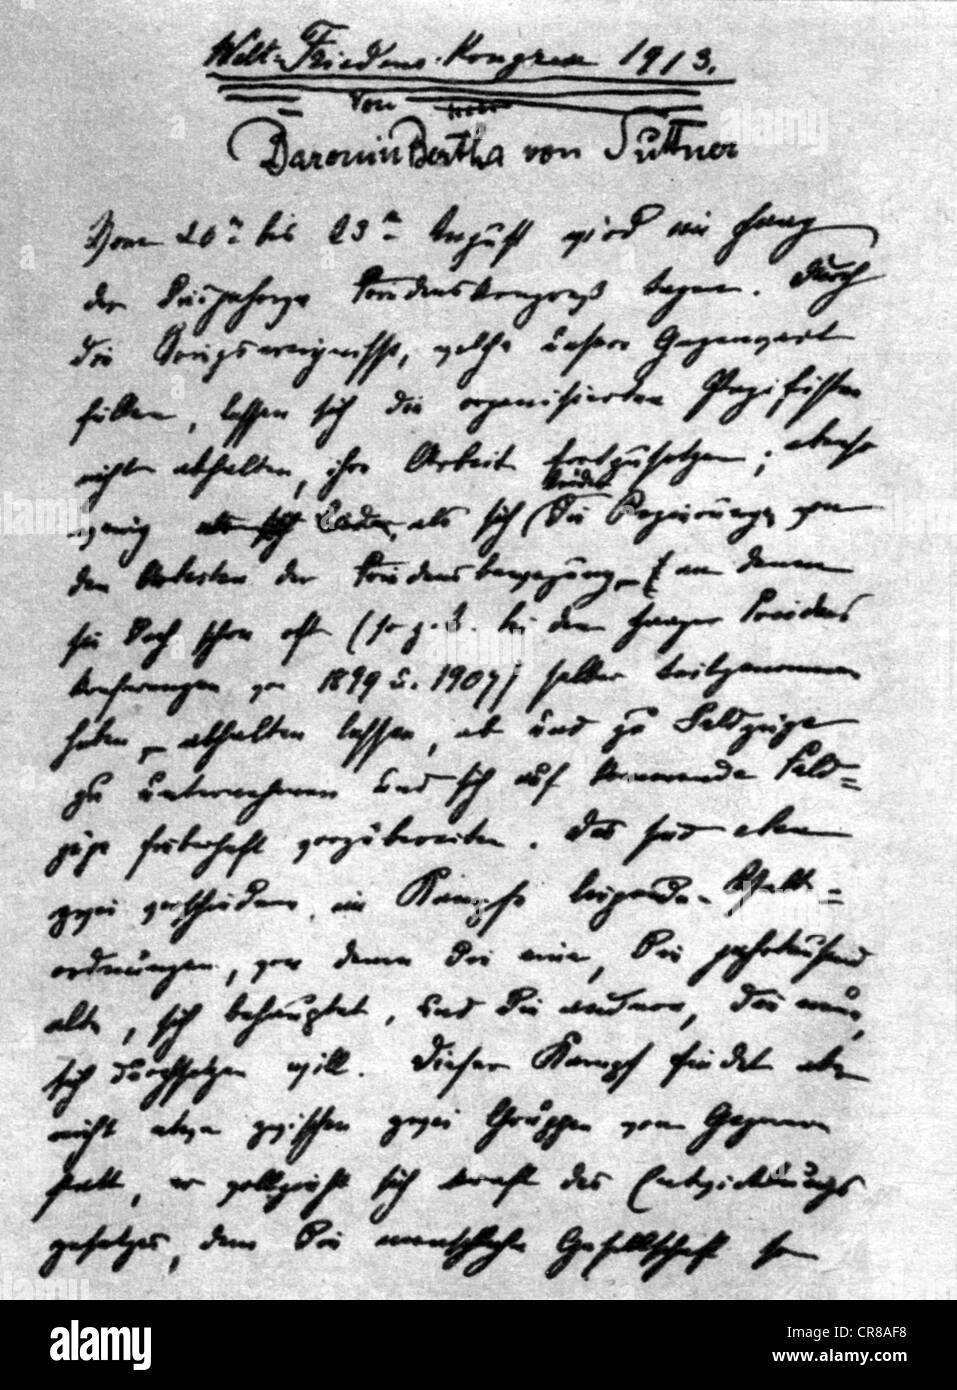 Suttner, Bertha-von-, 9.6.1843 - 21.6.1914, österreichische Pazifistin und Schriftstellerin, Handschrift, Manuskript Stockbild